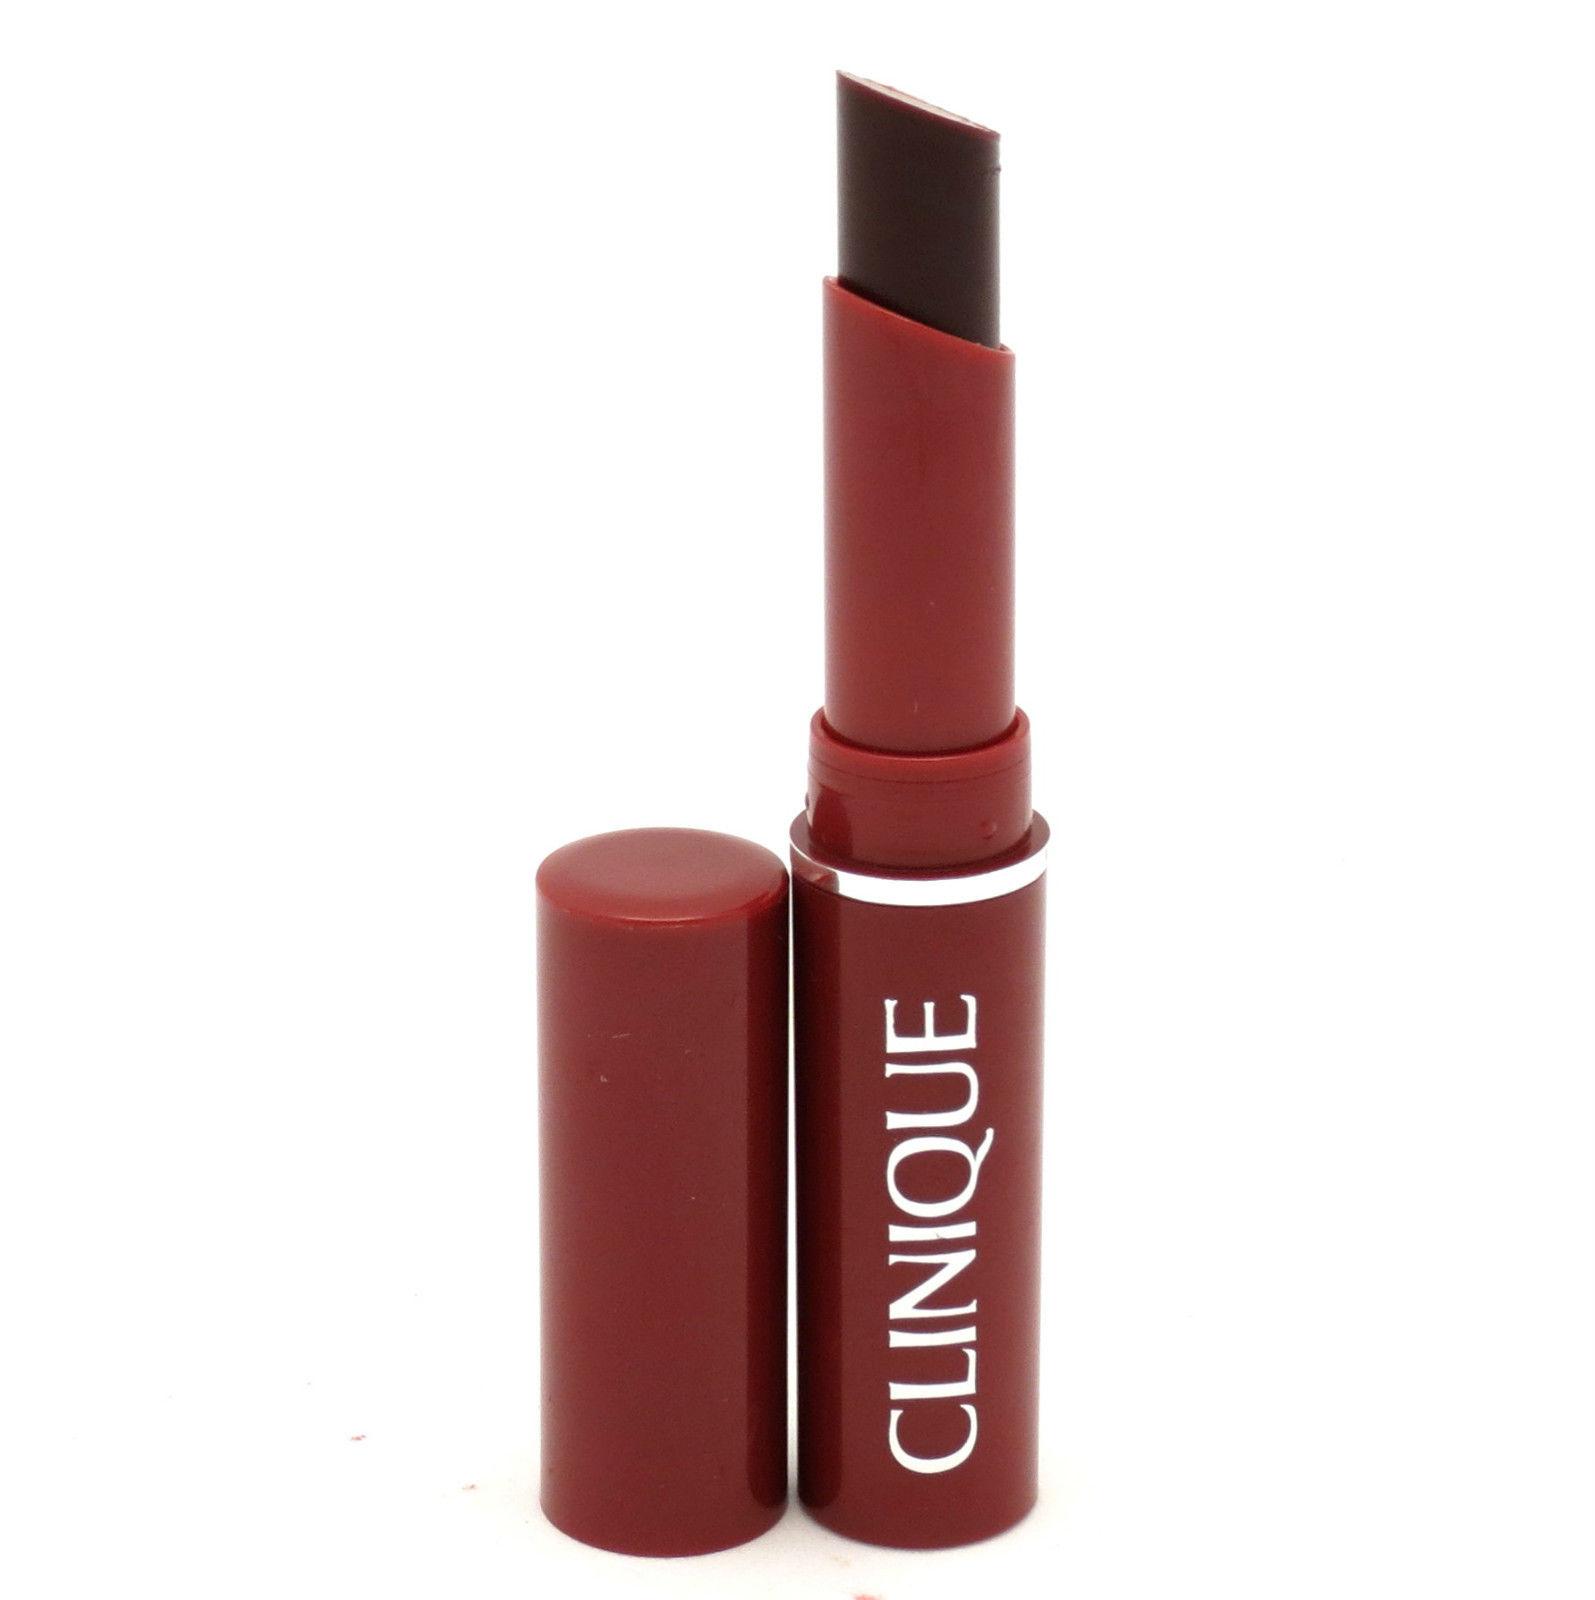 Clinique Long Last Lipstick >> Clinique Almost Lipstick Black Honey GWP | eBay